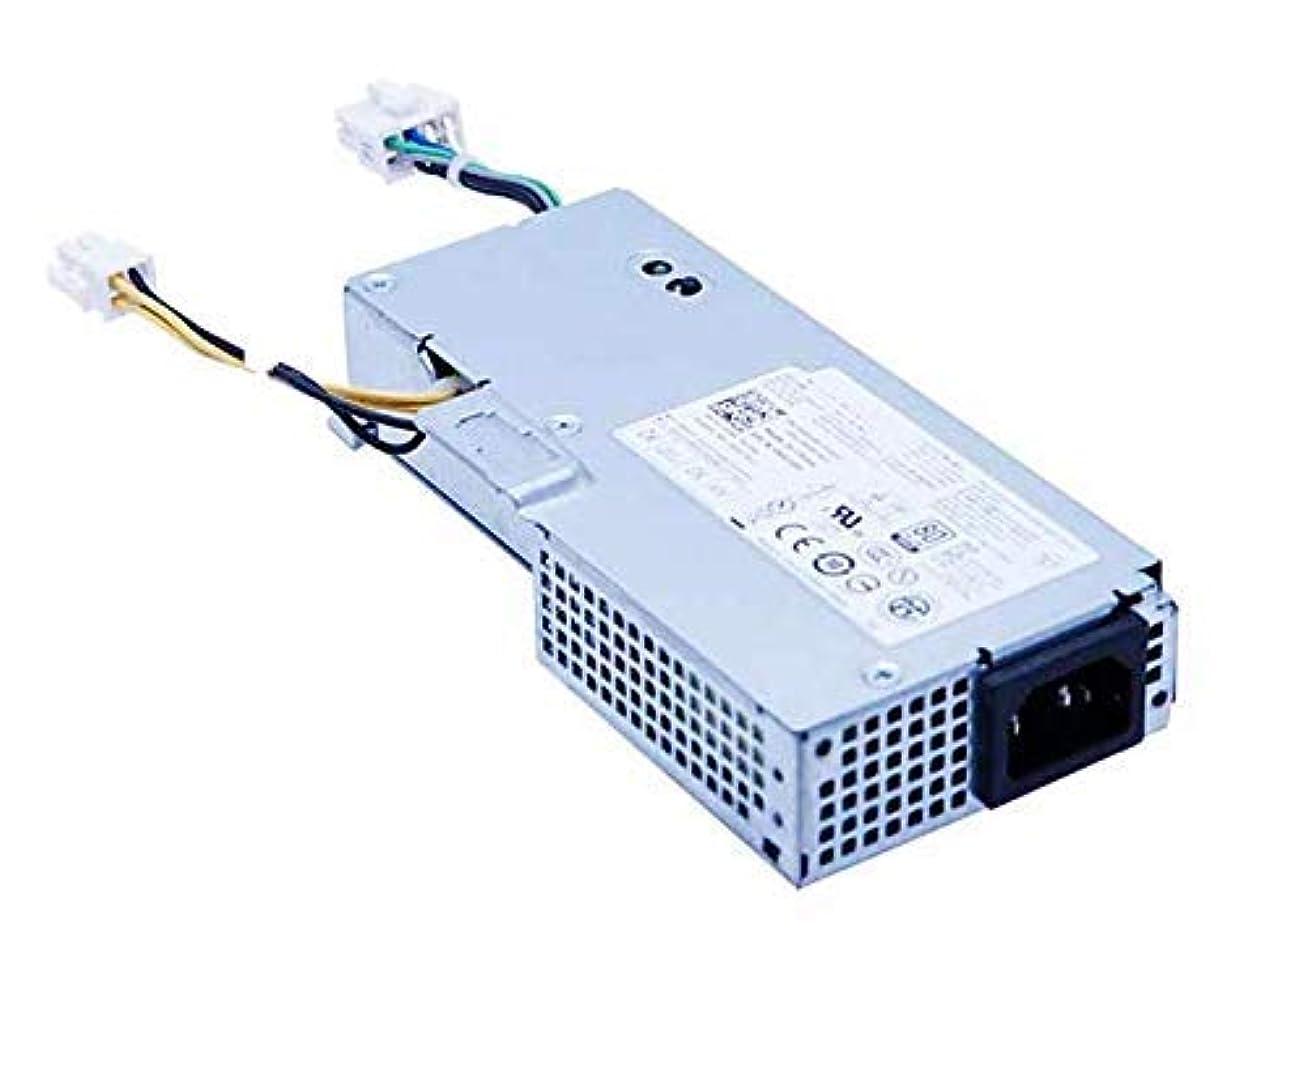 実験をする乞食安心Plcbatt® 純正新品 DELL OptiPlex 780 790 990 7010 9010 USFF 用電源ユニット L200EU-00 F200EU-00 F200EU-02 L180EU-00 F180EU-00